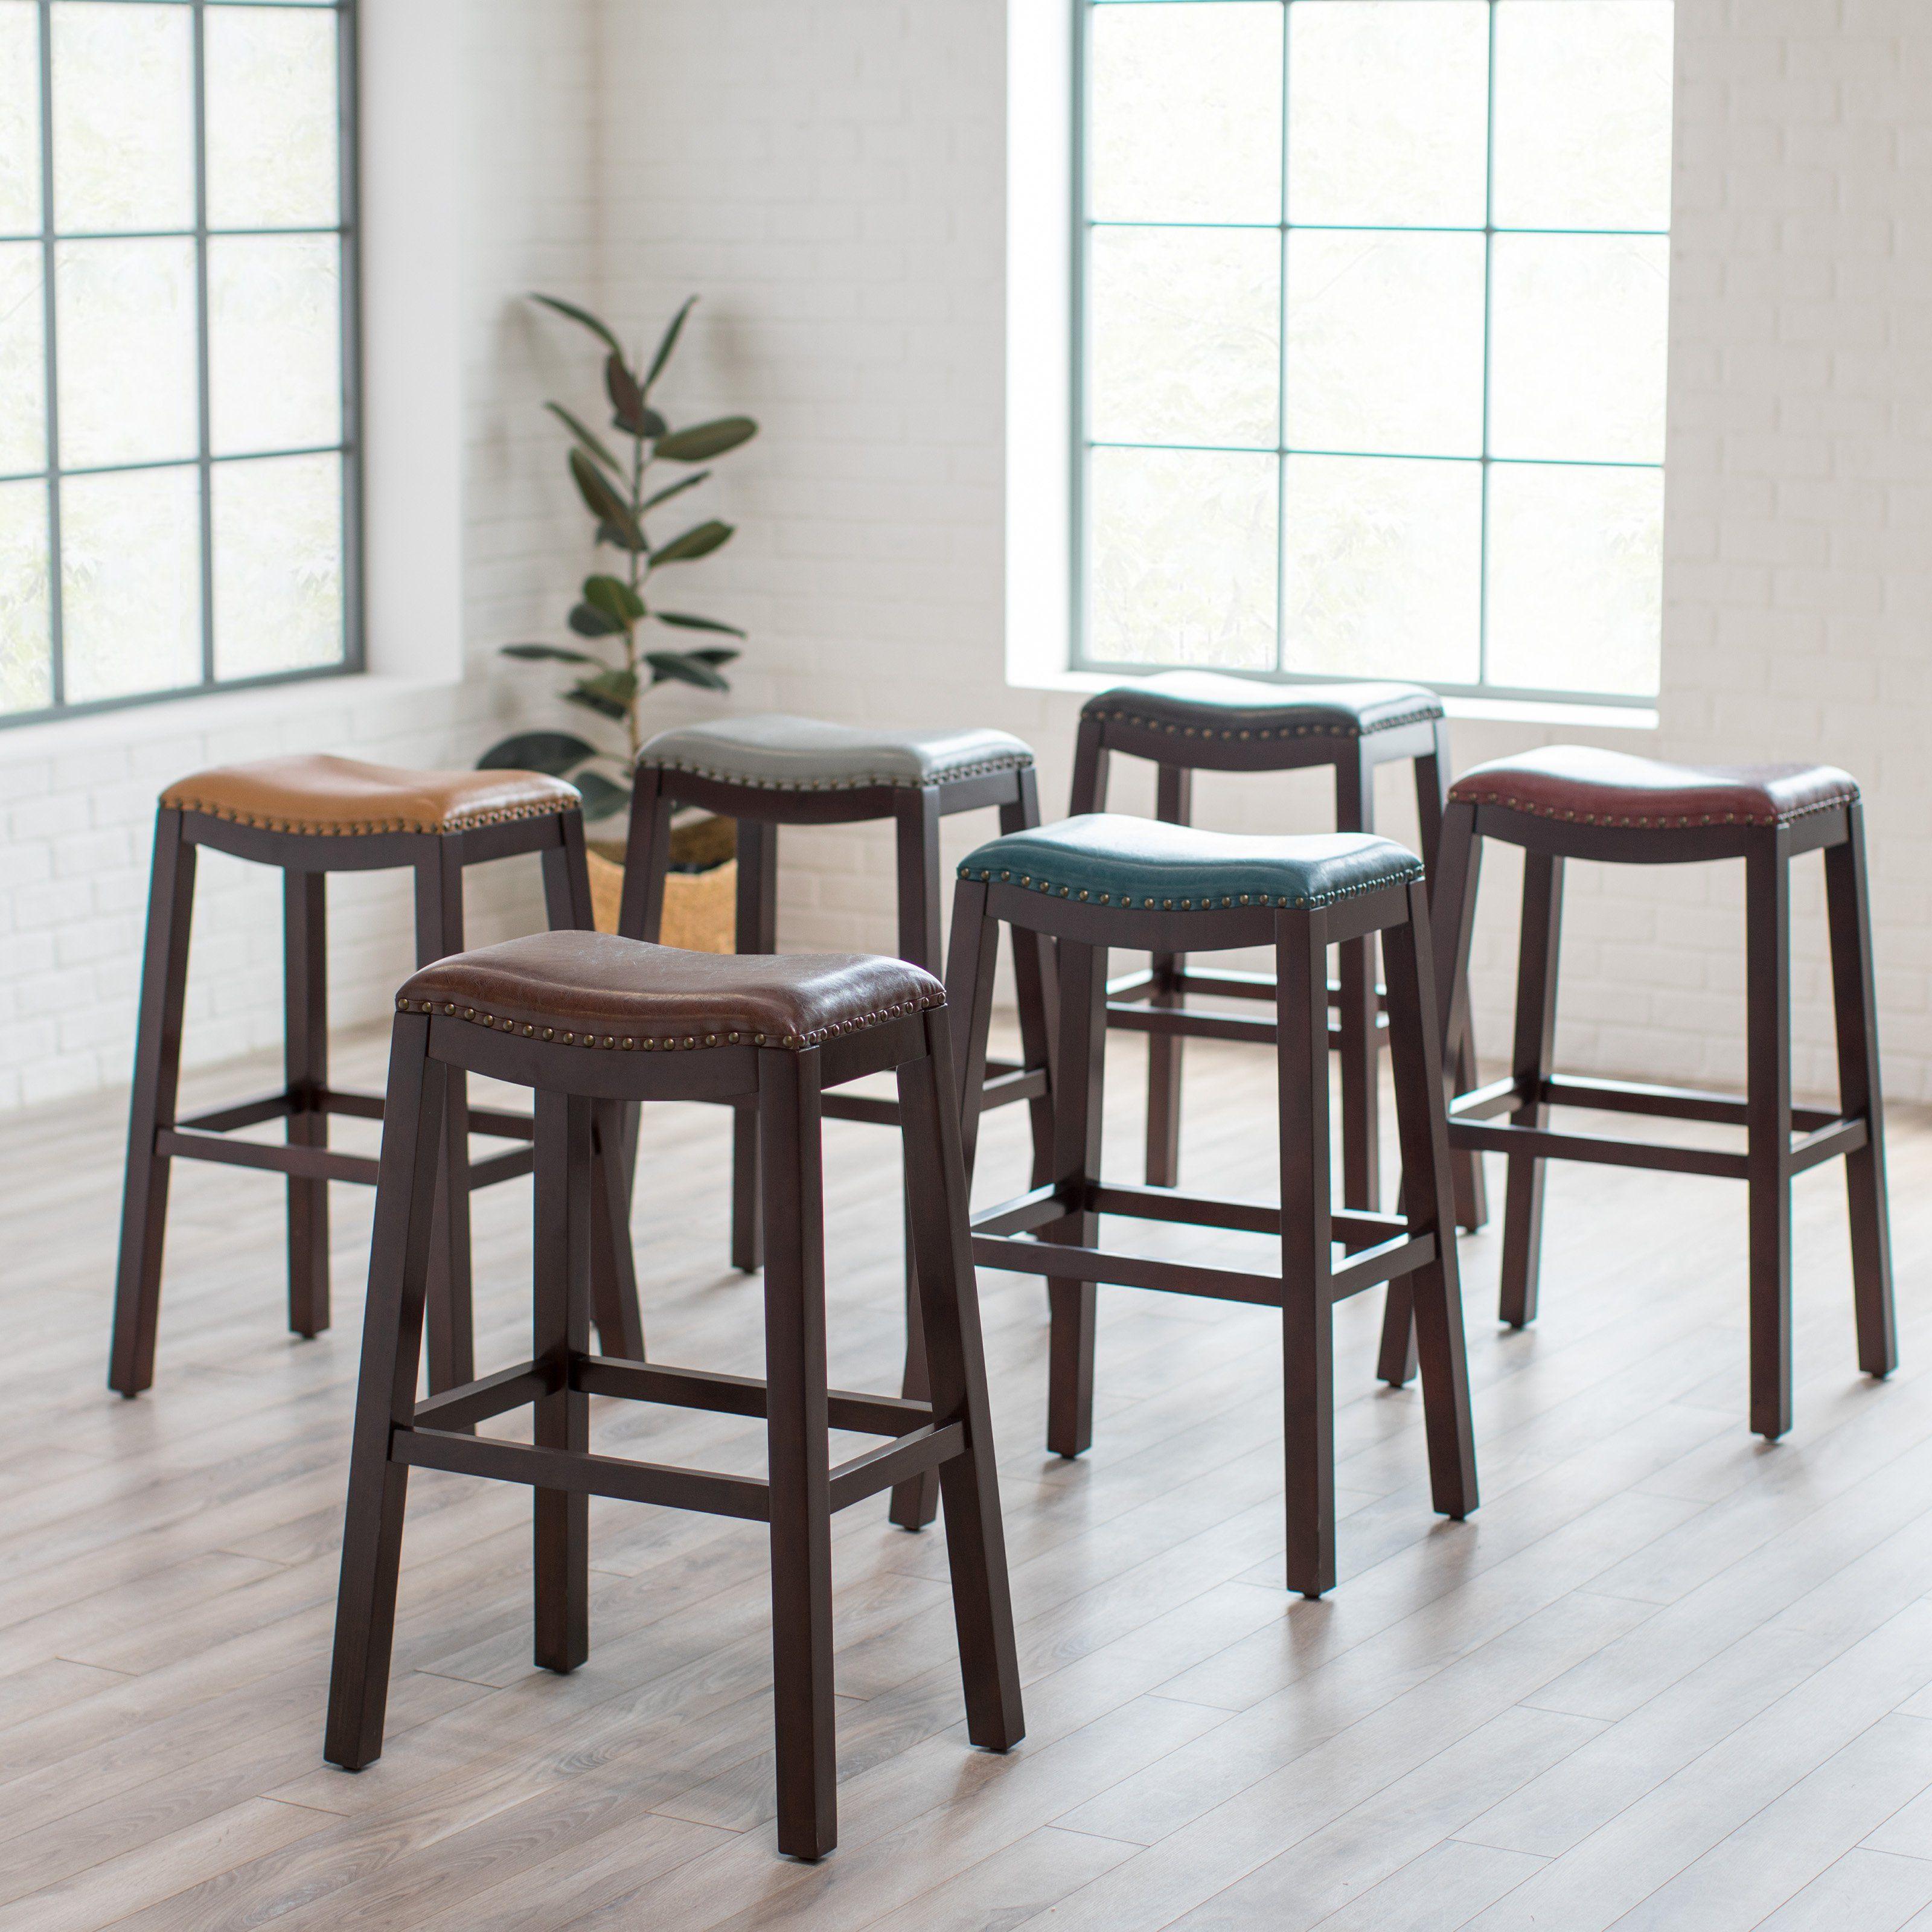 Magnificent Belham Living Hutton Backless Extra Tall Bar Stool Decor Uwap Interior Chair Design Uwaporg